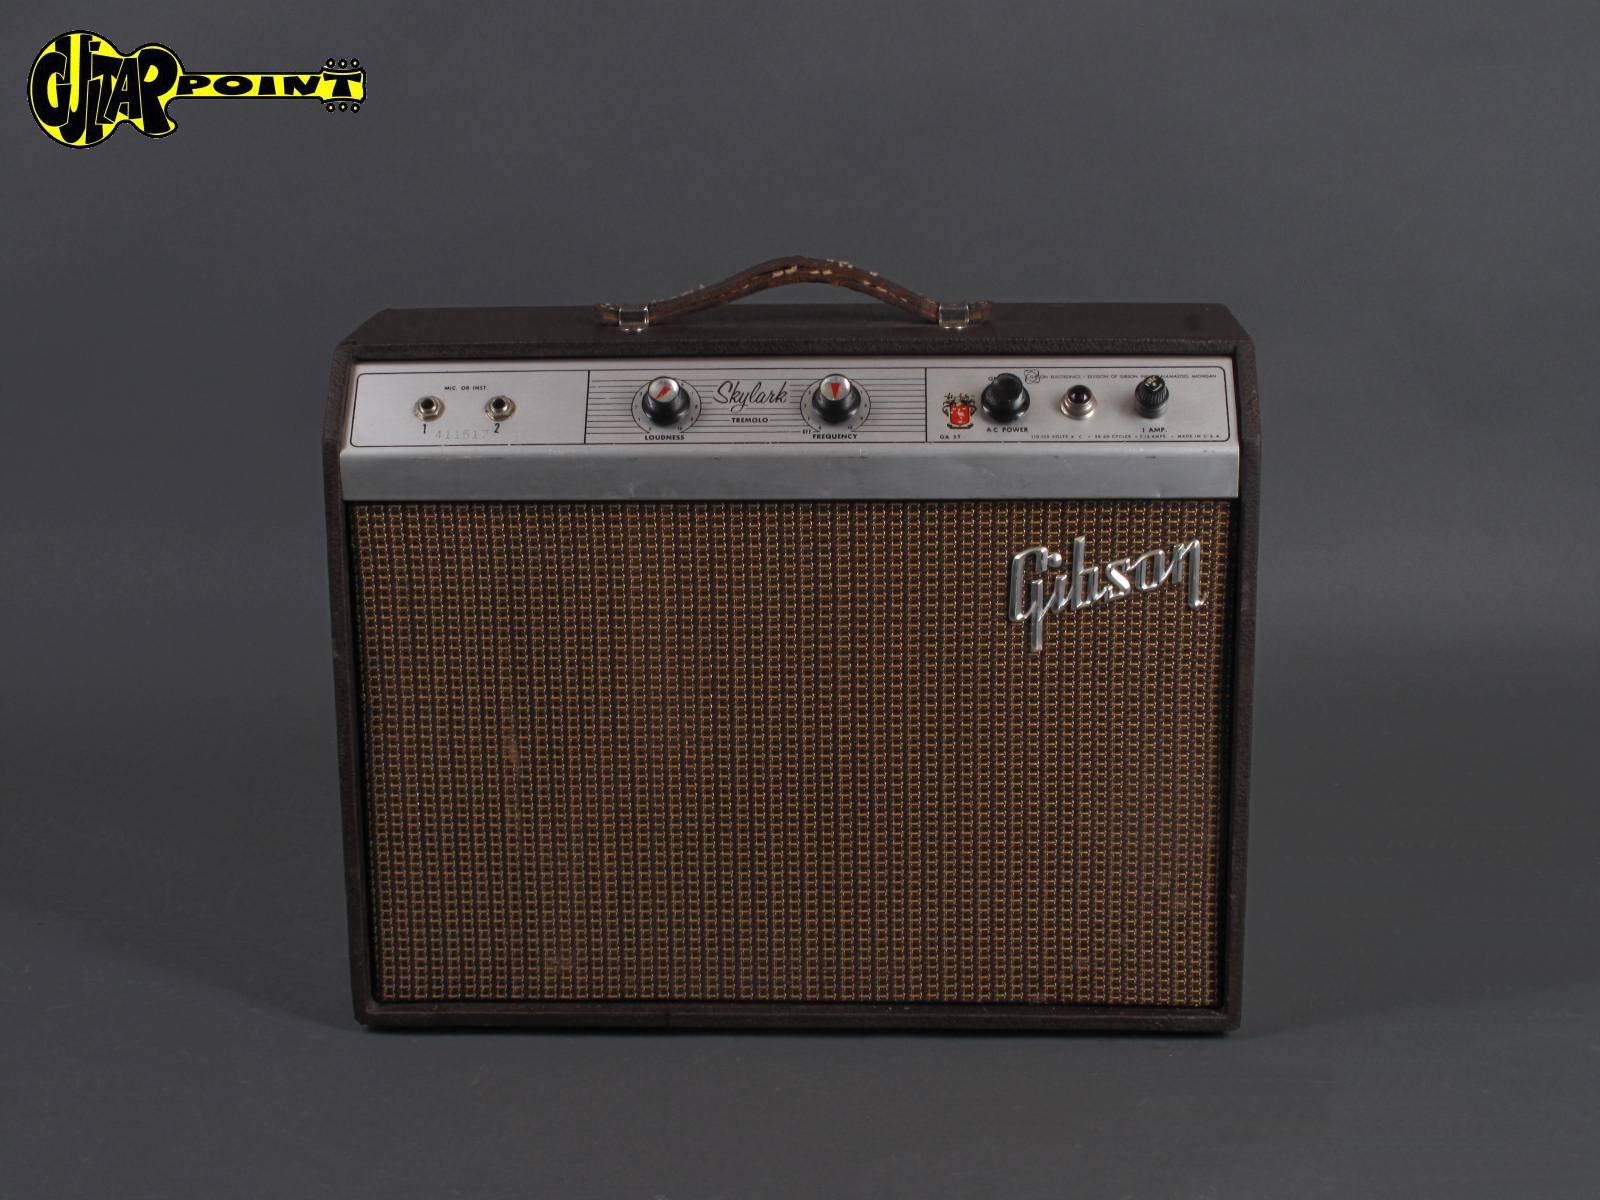 1962 Gibson GA-5T Skylark - Tube Amplifier